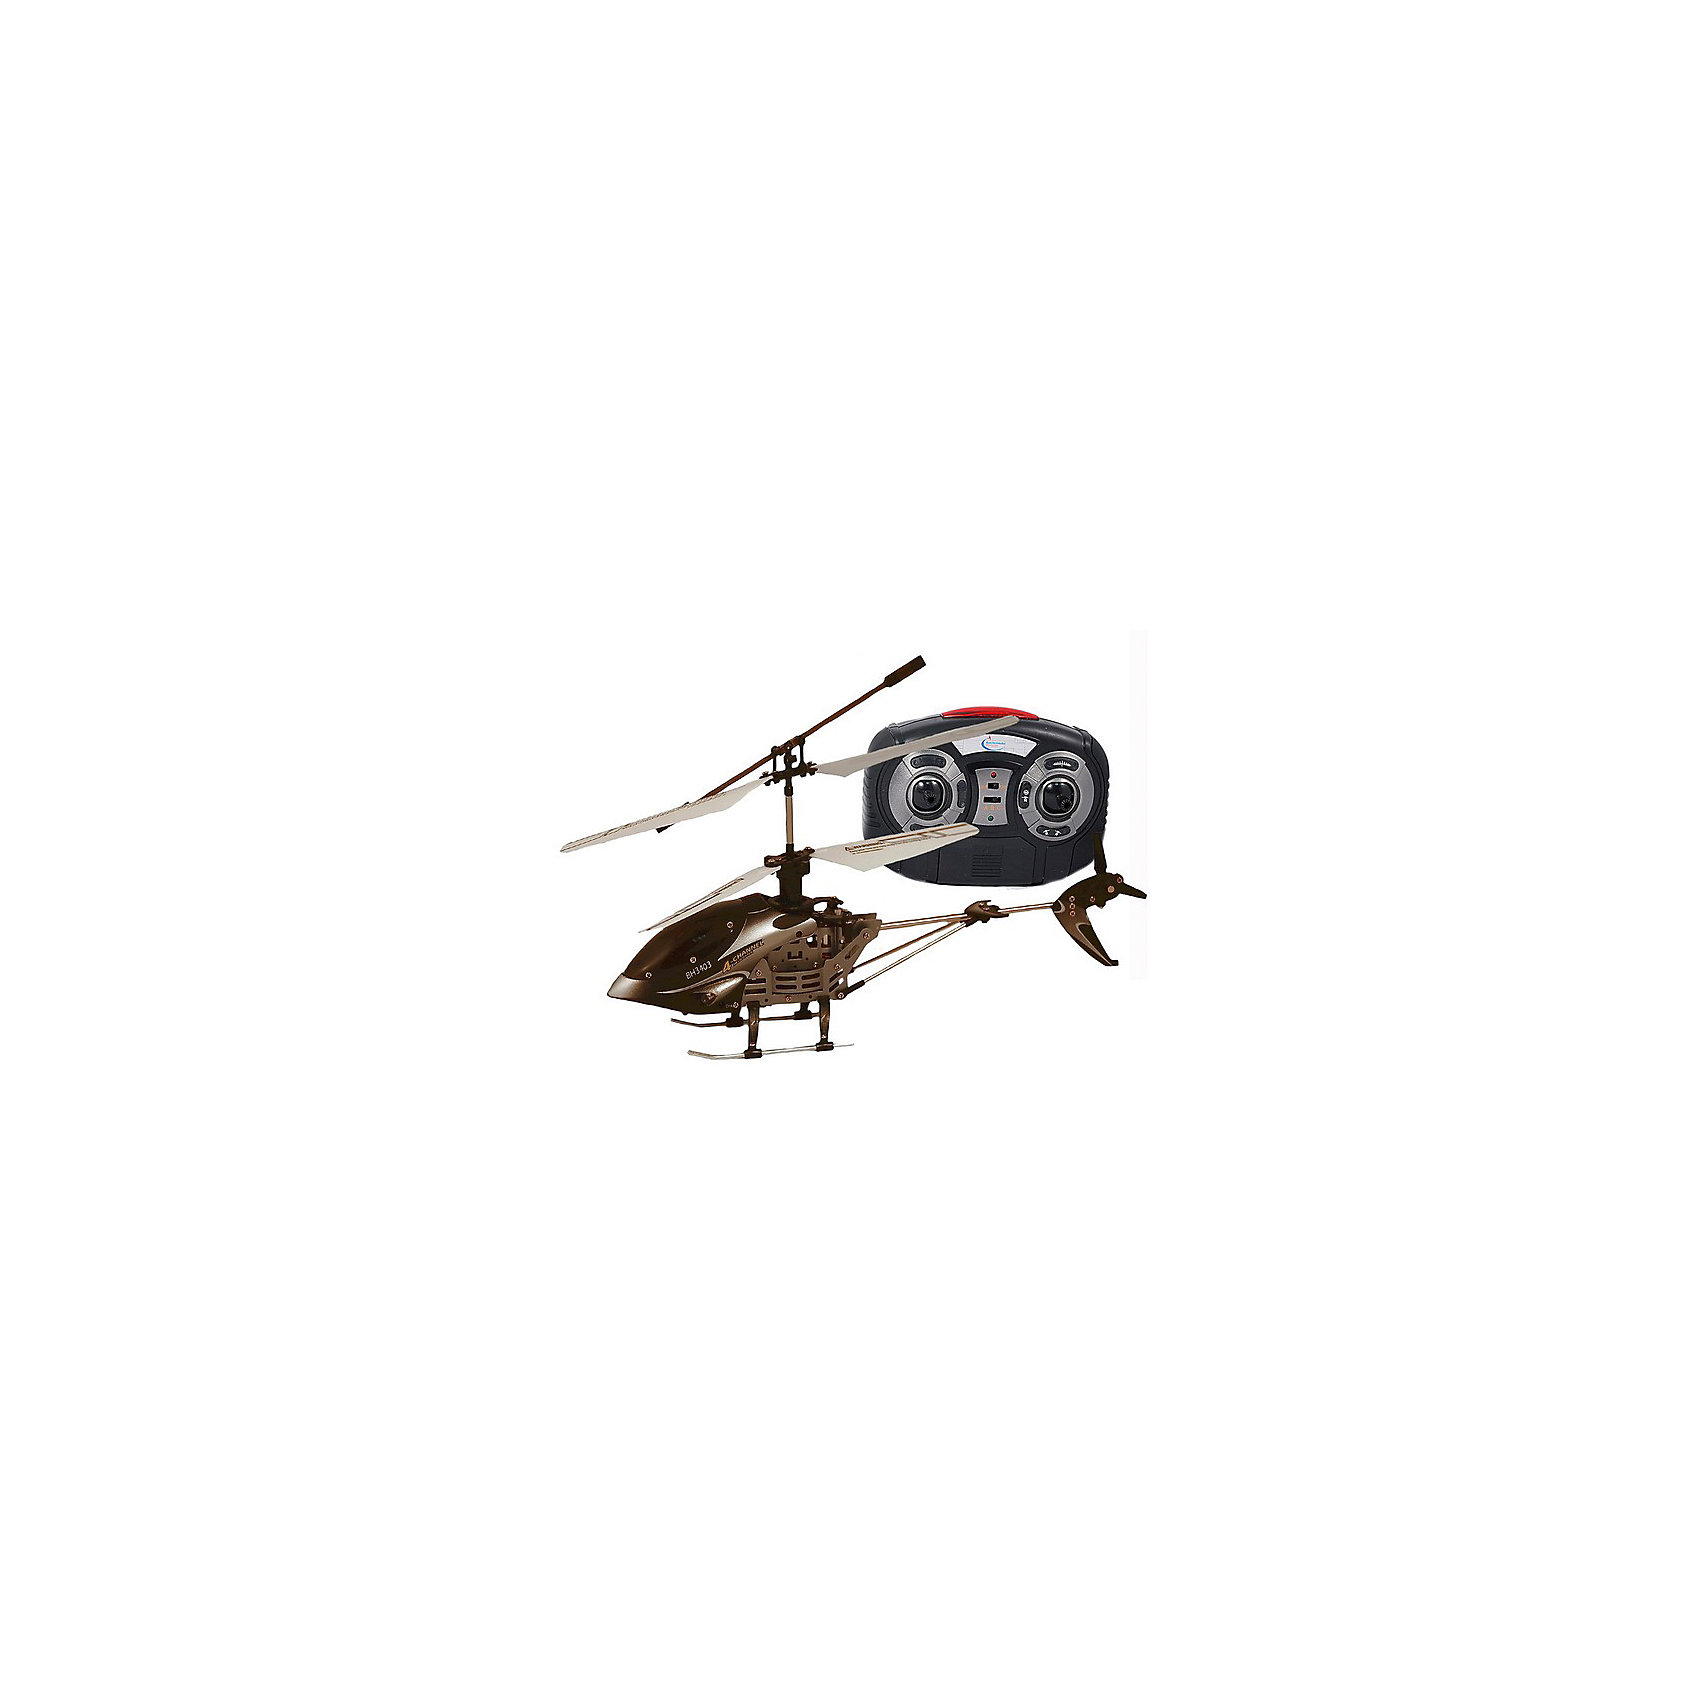 Вертолет и/у Проворный, Властелин небесРадиоуправляемый транспорт<br>Вертолет и/у Проворный, Властелин небес<br><br>Характеристики:<br><br>• инфракрасное управление<br>• встроенный гироскоп<br>• хорошо обходит препятствия<br>• летает вперед, назад, вниз и вверх<br>• может разворачиваться и зависать в воздухе<br>• светящиеся сигнальные огни для полета в темноте<br>• время полета: 8-10 минут<br>• длина вертолета: 21 см<br>• размер пульта: 16,5х11 см<br>• размер упаковки: 45х18х8 см<br>• питание: аккумулятор 3.7V Li-poly<br>• в комплекте: вертолет, пульт управления, USB кабель, инструкция<br>• материал: металл, пластик<br>• батарейки: АА - 6 шт. (не входят в комплект)<br><br>Вертолет Проворный полностью оправдывает свое название. Он с легкостью обходит любые препятствия и летает в любую сторону. Также игрушка может разворачиваться и зависать в воздухе, благодаря встроенному гироскопу. Светящиеся сигнальные огни сделают полет еще привлекательнее в темноте. Высокая дальность действия позволяет играть и в помещении, и на открытом пространстве. Корпус выполнен из прочного материала, защищающего вертолет от повреждений при падениях или столкновениях. Время полета составляет около 10 минут. <br>Для работы необходимы шесть батареек АА (в комплект не входят).<br><br>Вертолет и/у Проворный, Властелин небес можно купить в нашем интернет-магазине.<br><br>Ширина мм: 75<br>Глубина мм: 440<br>Высота мм: 175<br>Вес г: 750<br>Возраст от месяцев: 144<br>Возраст до месяцев: 2147483647<br>Пол: Мужской<br>Возраст: Детский<br>SKU: 5397118